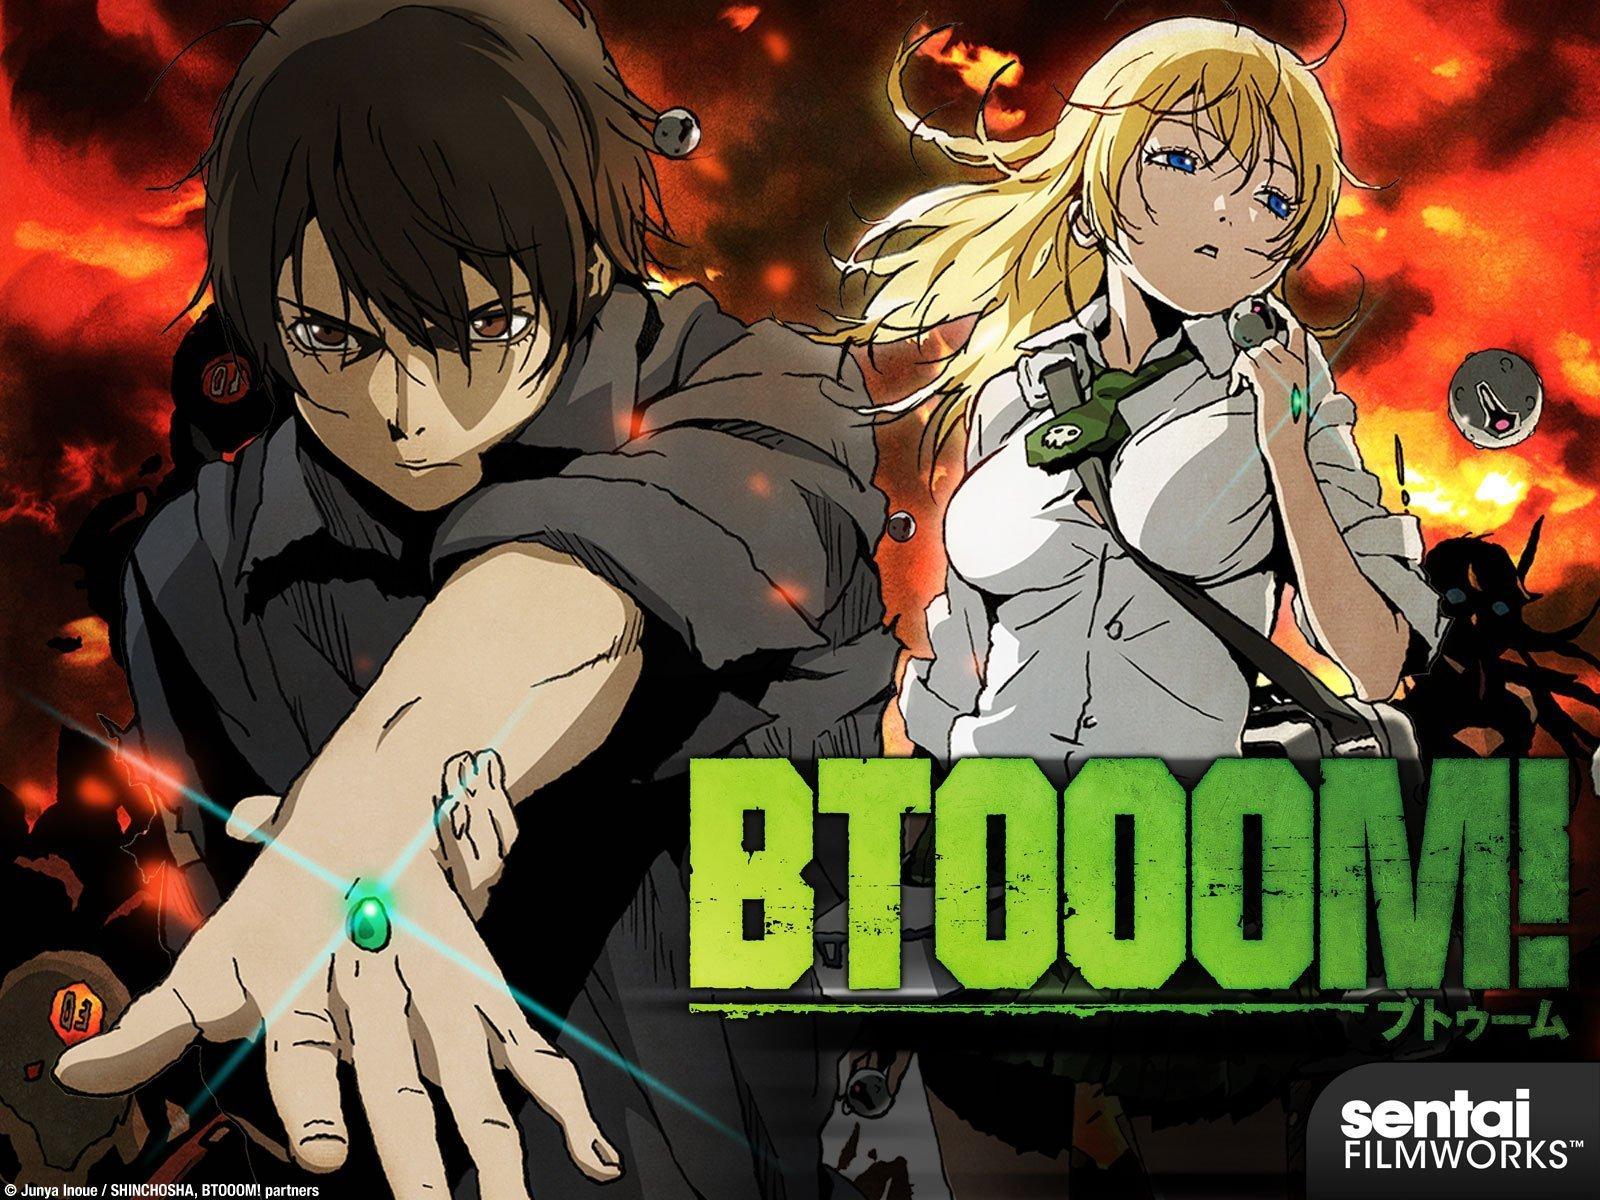 BTOOM! - Adult anime series